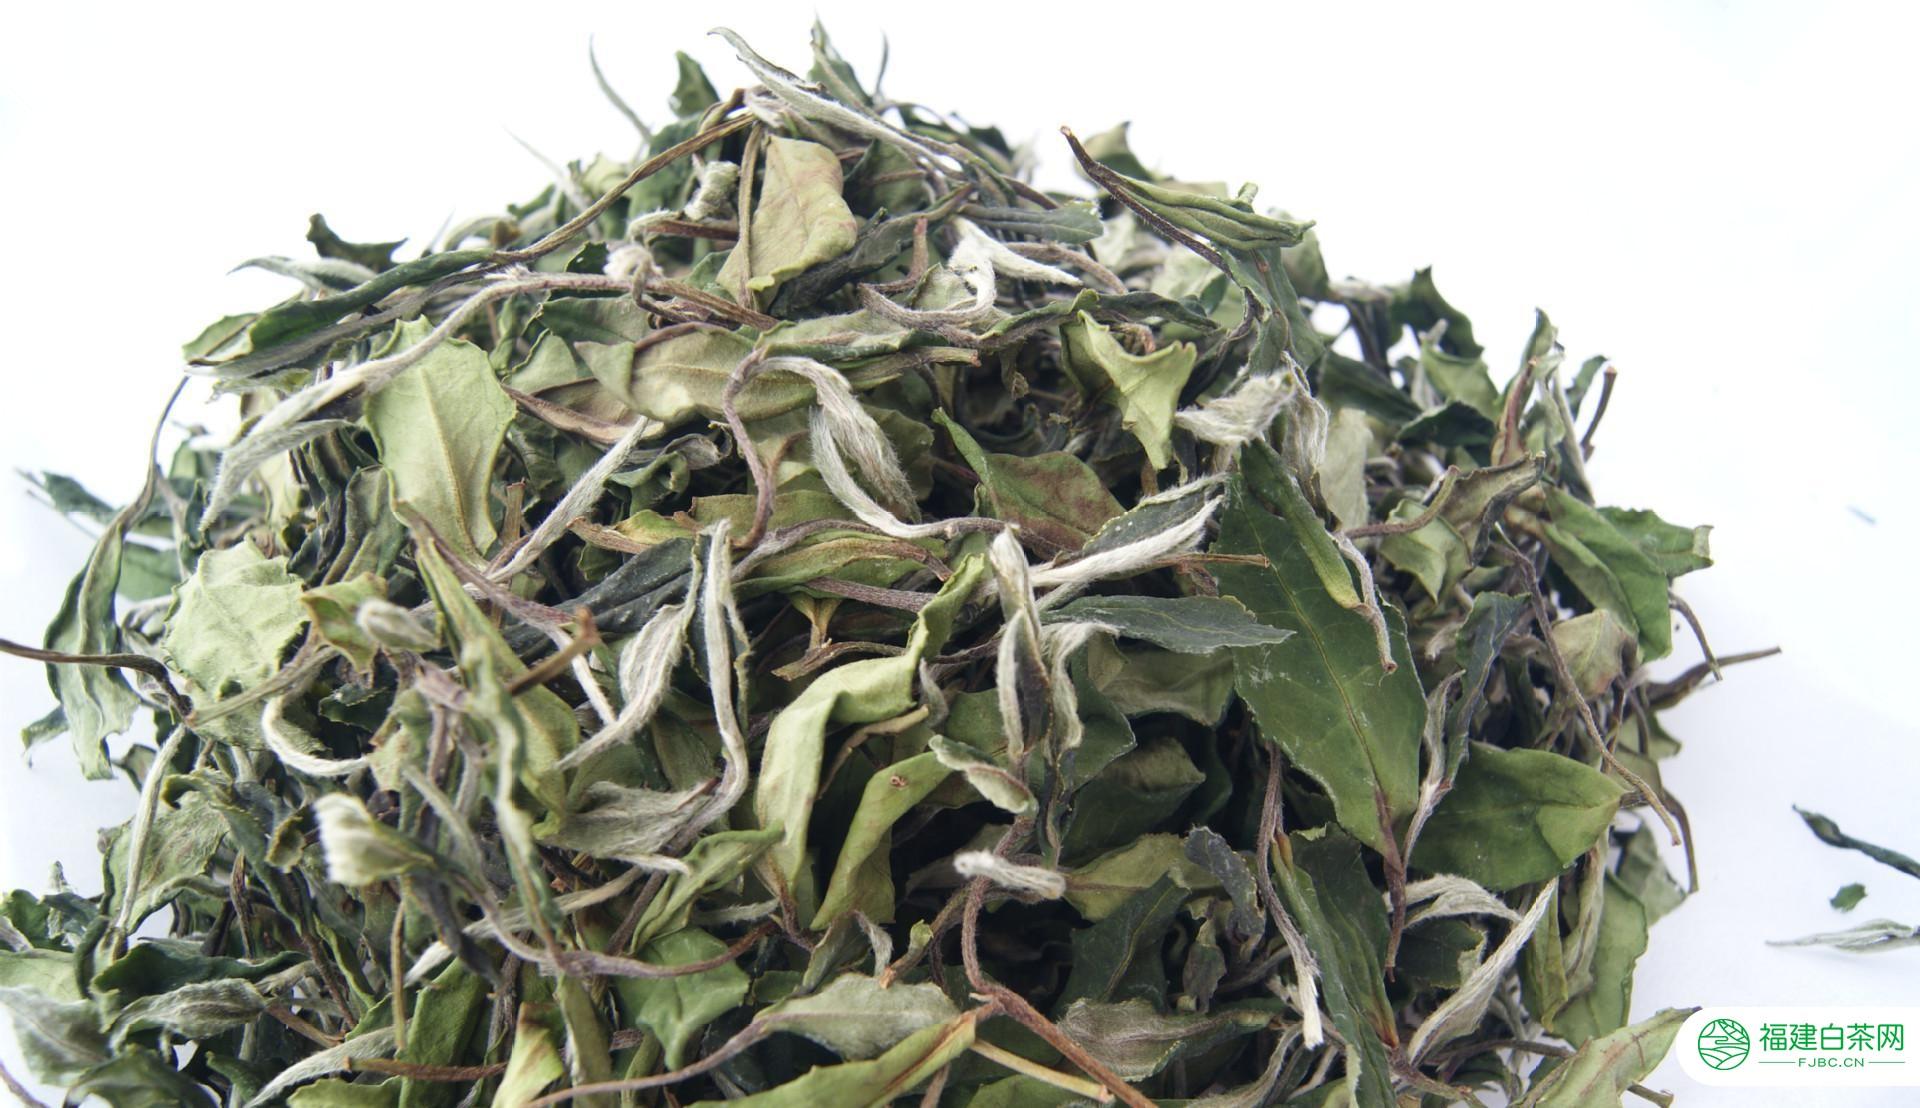 白茶是什么样的茶?一篇文章让你全面了解白茶